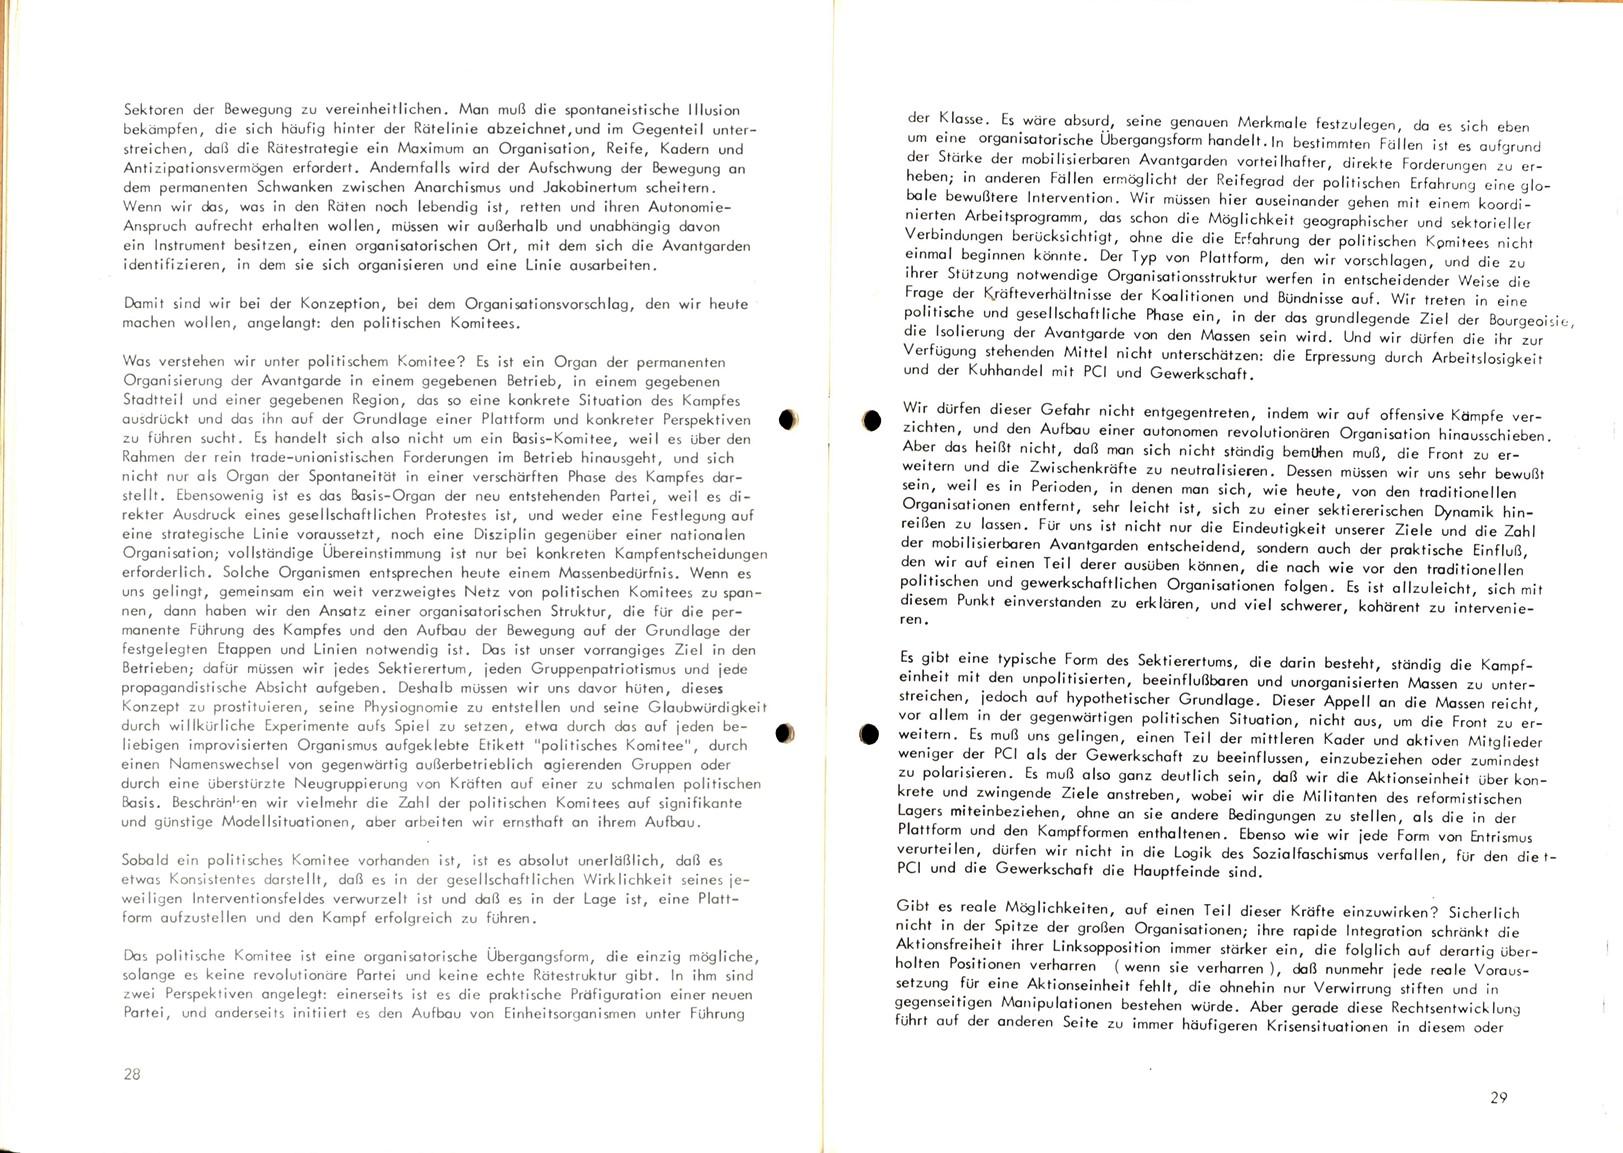 Manifesto_1971_Einheit_der_Klassenlinken_15